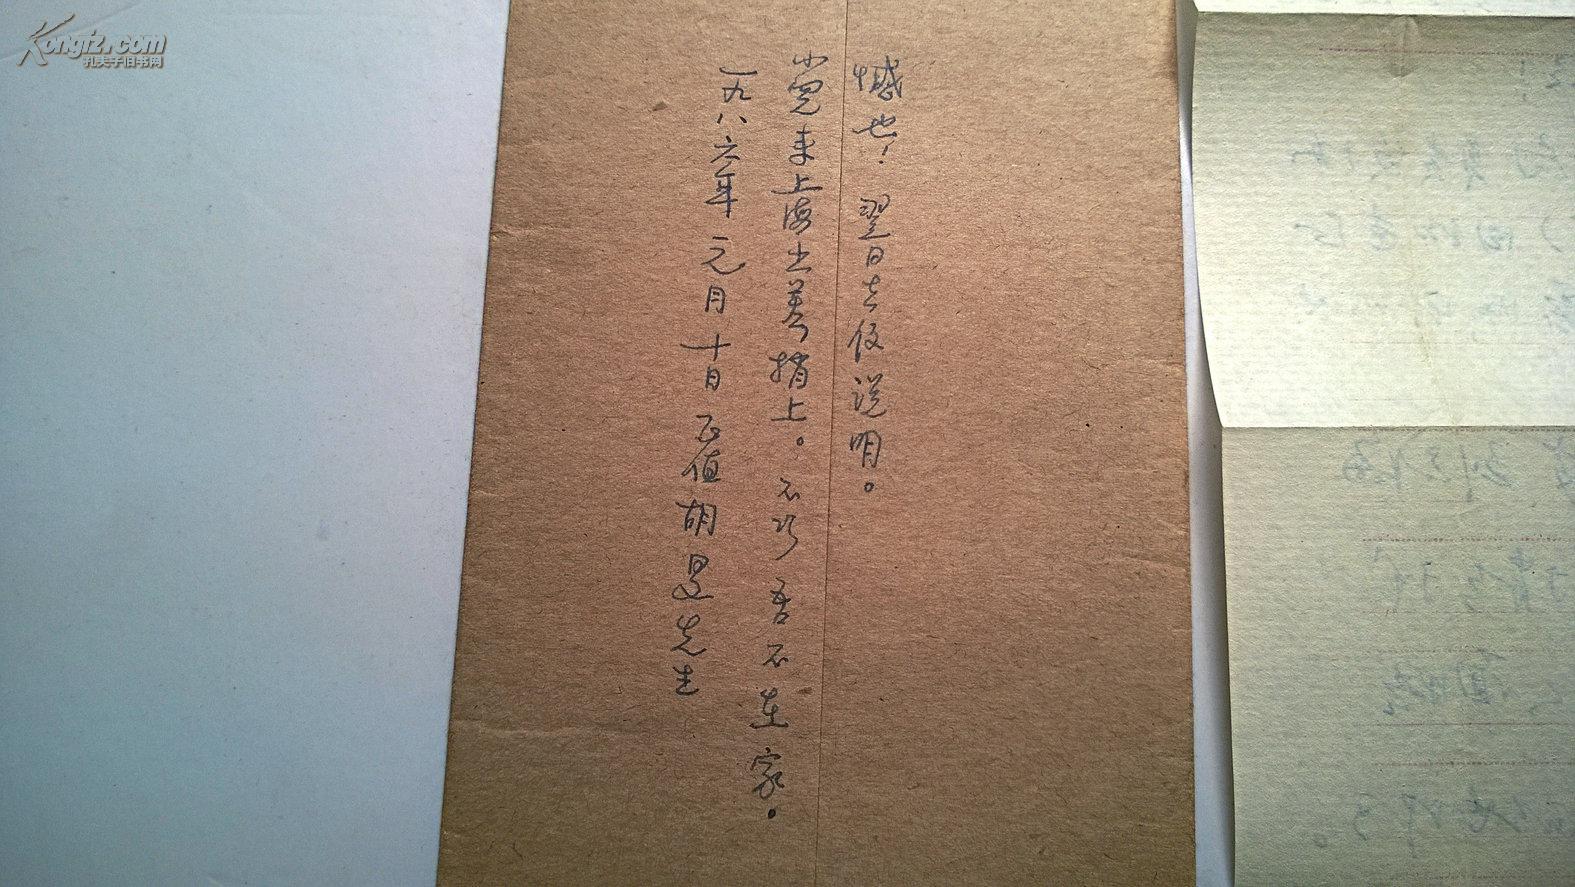 赵志刚先生上款信札之501 胡旻先生手札 当代著名书法家